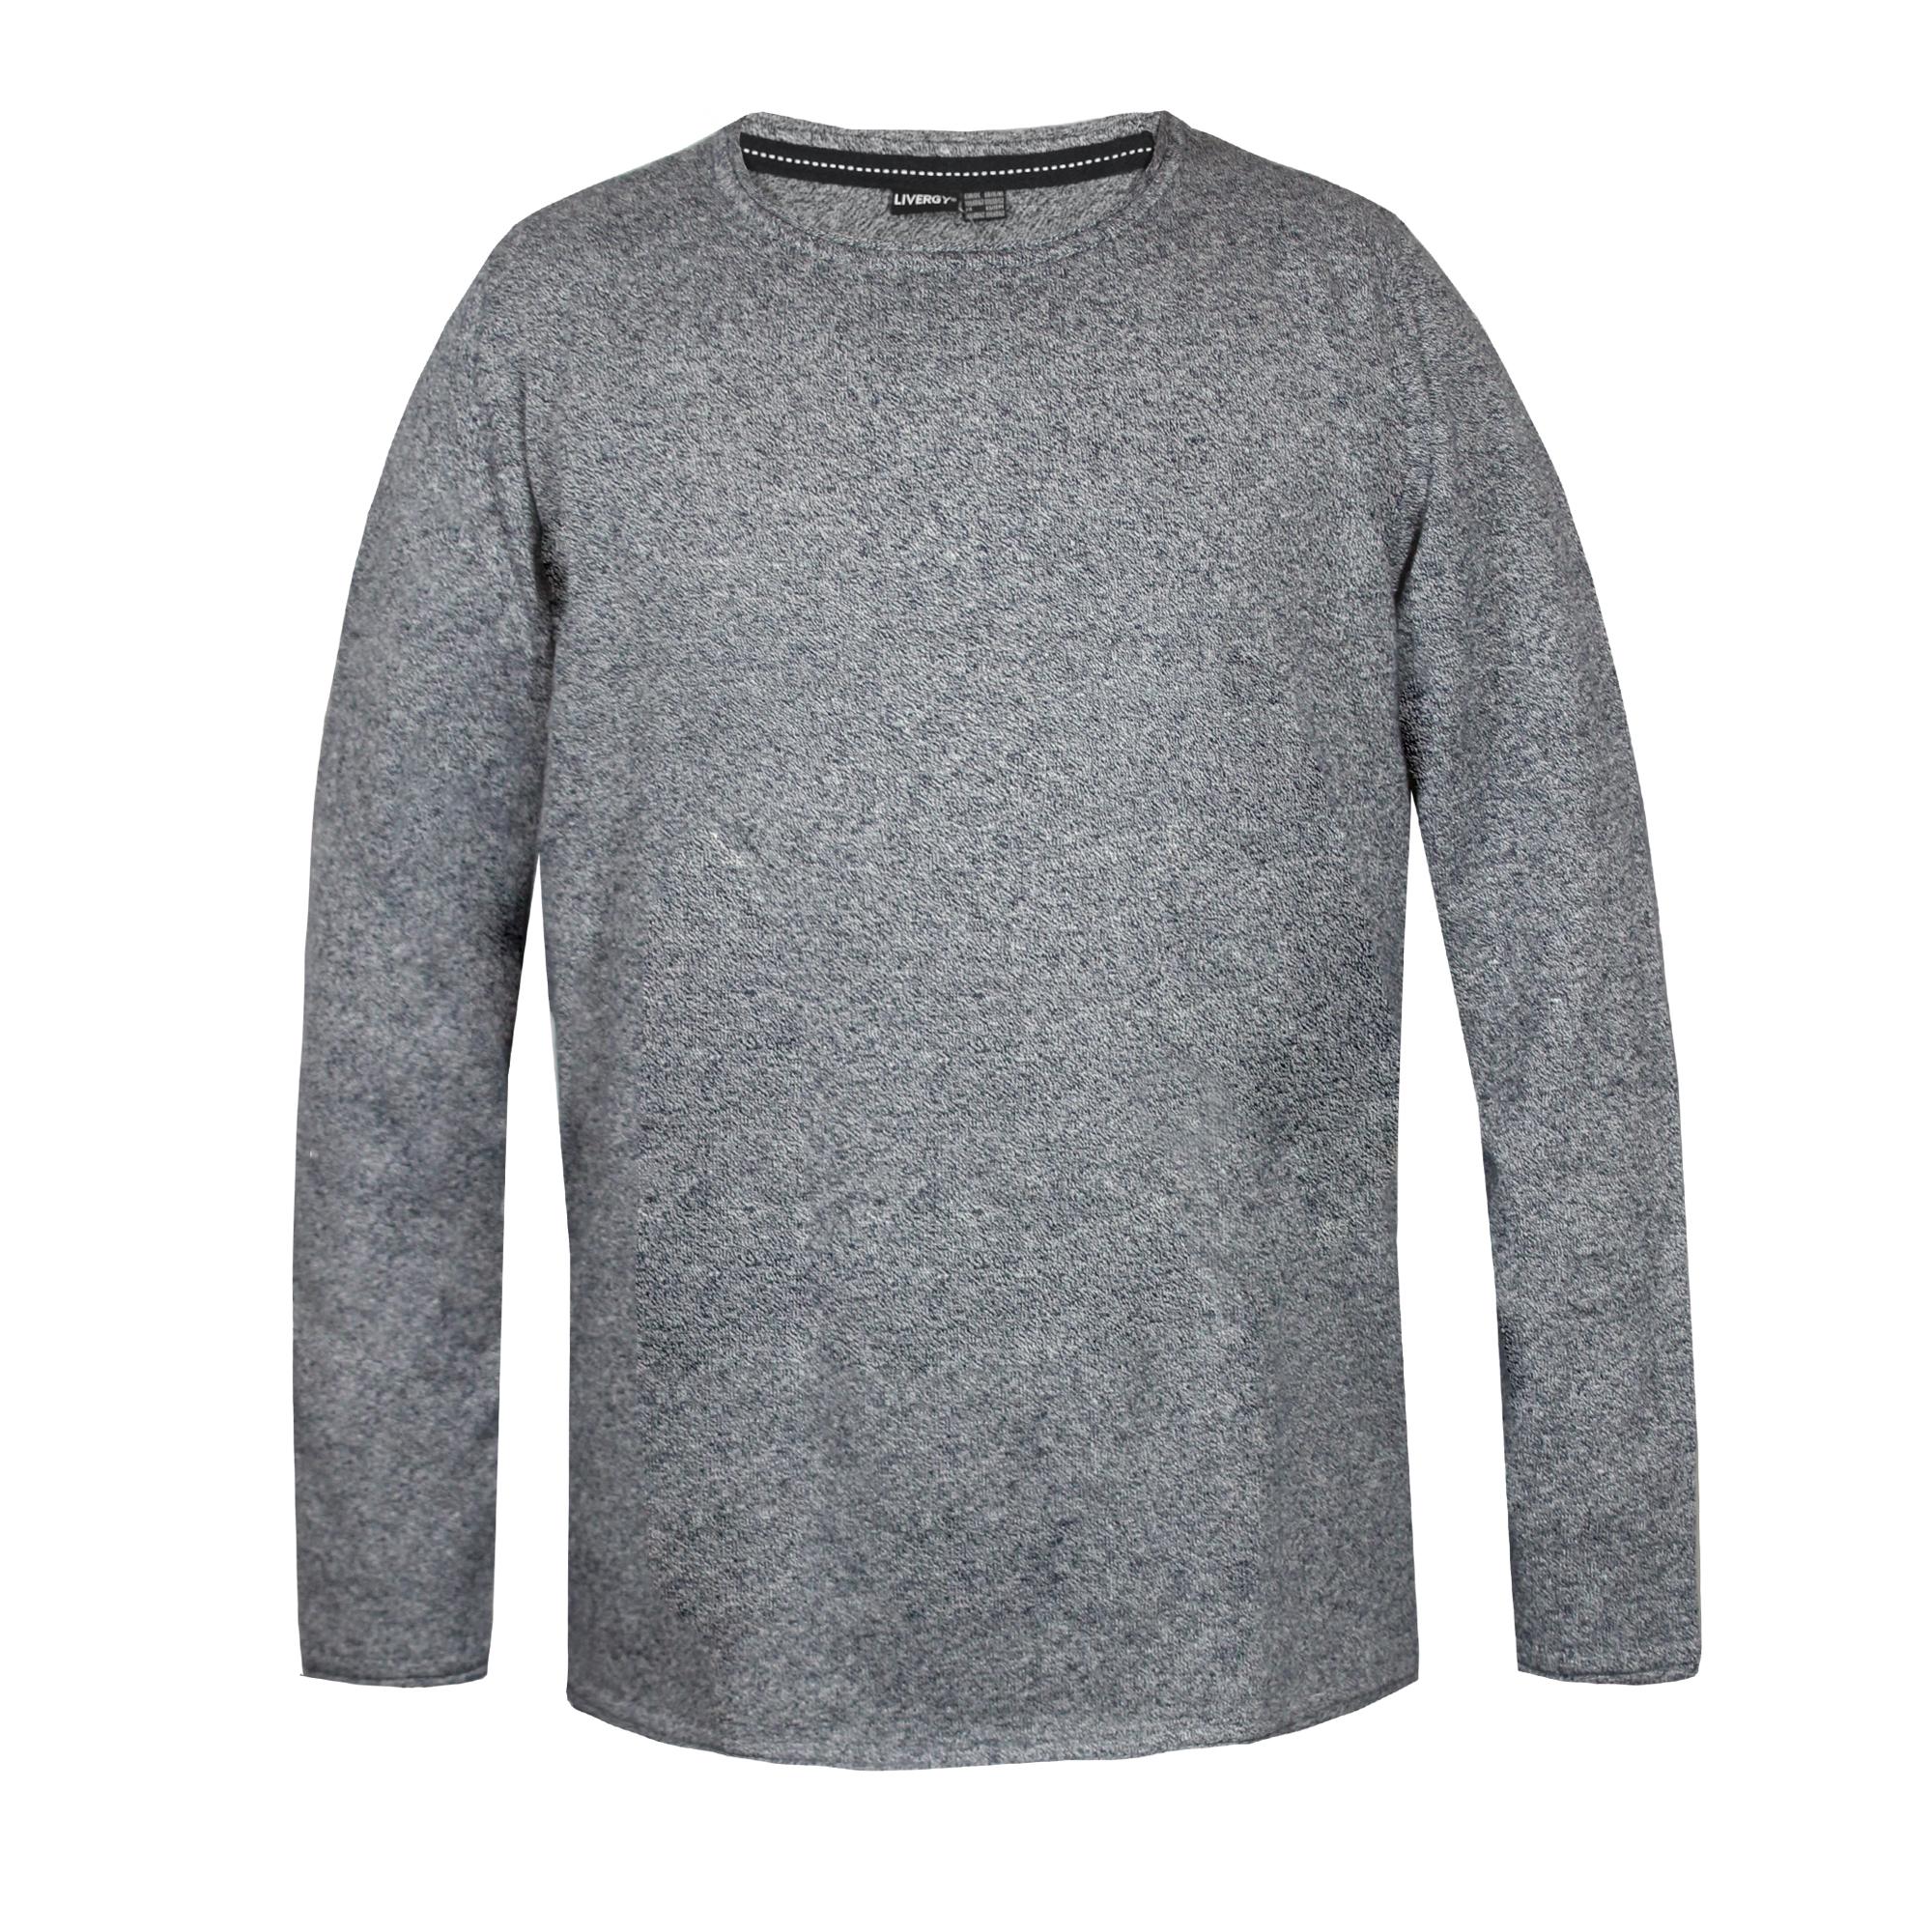 تی شرت آستین بلند مردانه لیورجی مدل AM143